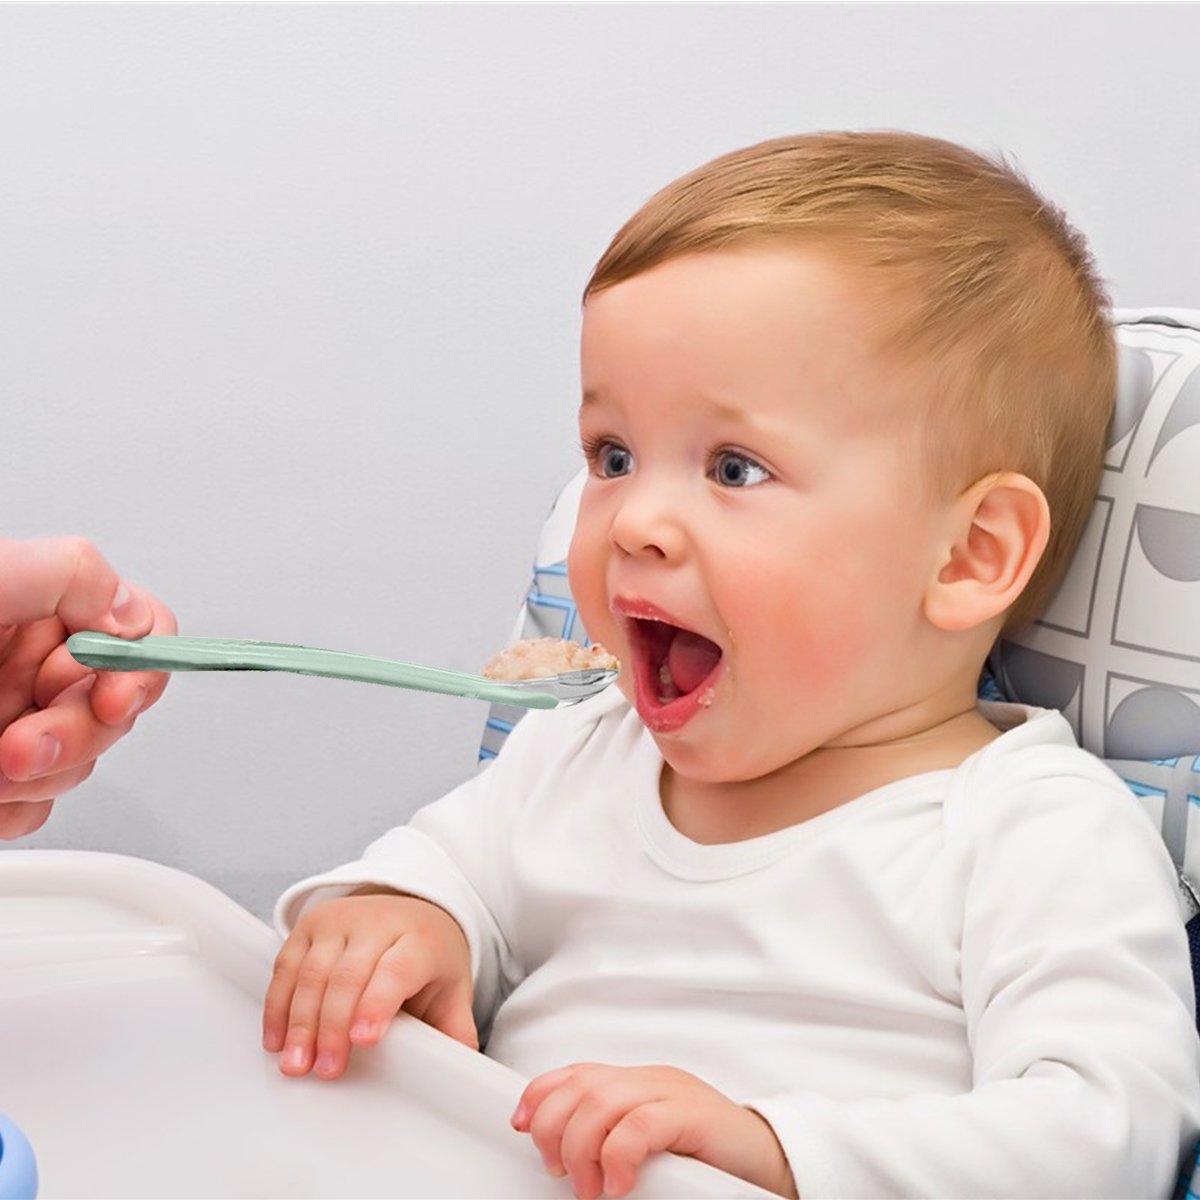 SONARIN Baby Silikon L/öffel Baby Weaning L/öffel 100/% Lebensmittelqualit/ät Material Komfortable leicht sauber BPA frei 1 Packung biegsam ermutigt unabh/ängige Baby F/ütterung,Set 2 Farben,gr/ün//lila